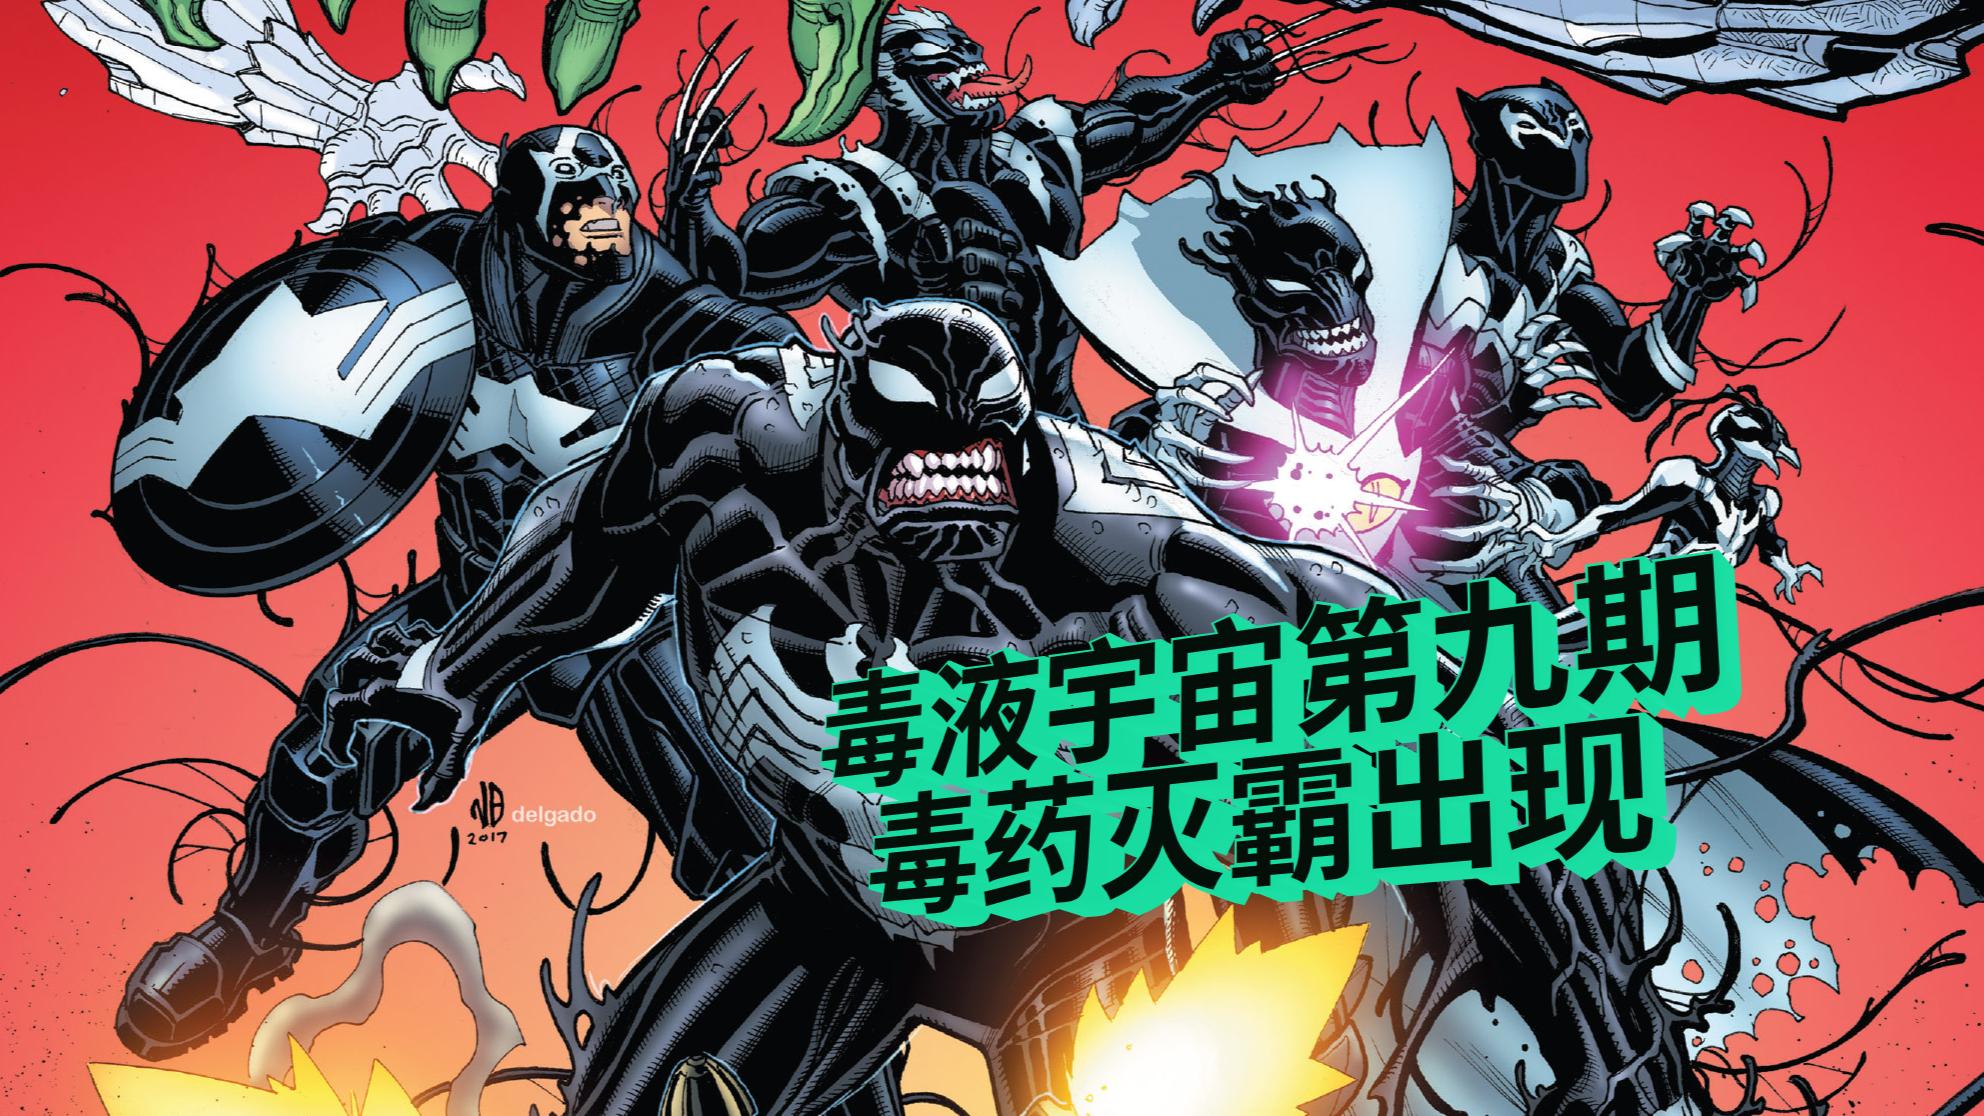 【毒液宇宙】终章 毒药战败,超级英雄回家,灭霸出现